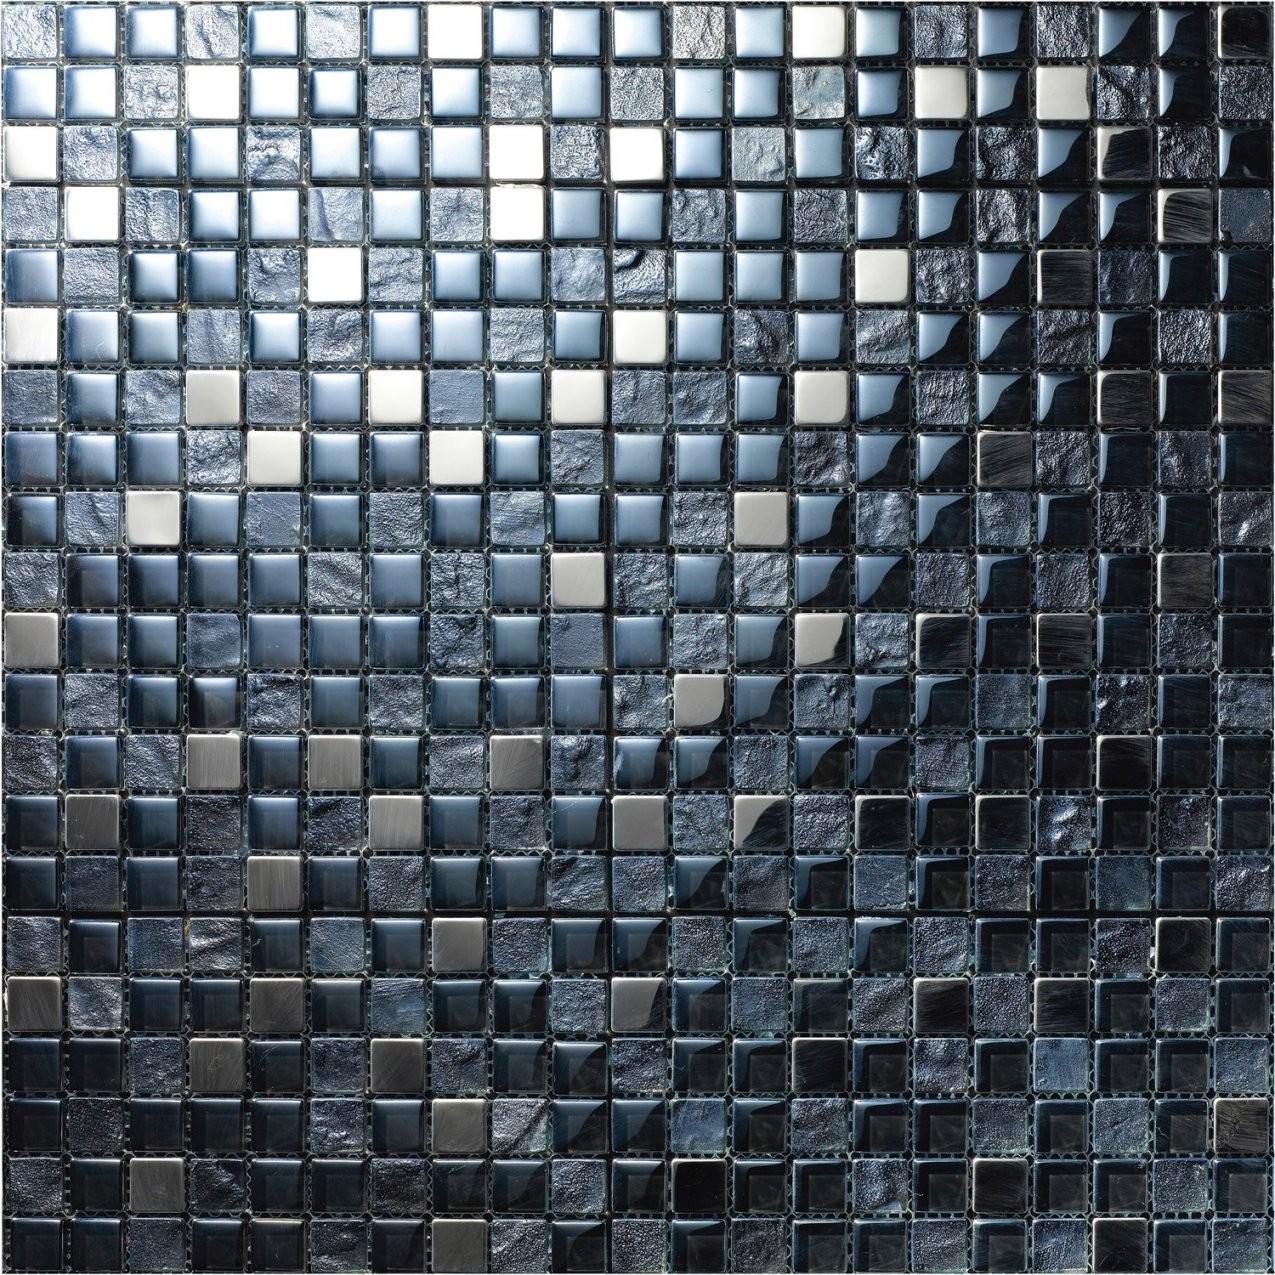 Glasmosaikmatte Diamond 30 Cm X 30 Cm Kaufen Bei Obi von Mosaik Fliesen Obi Bild